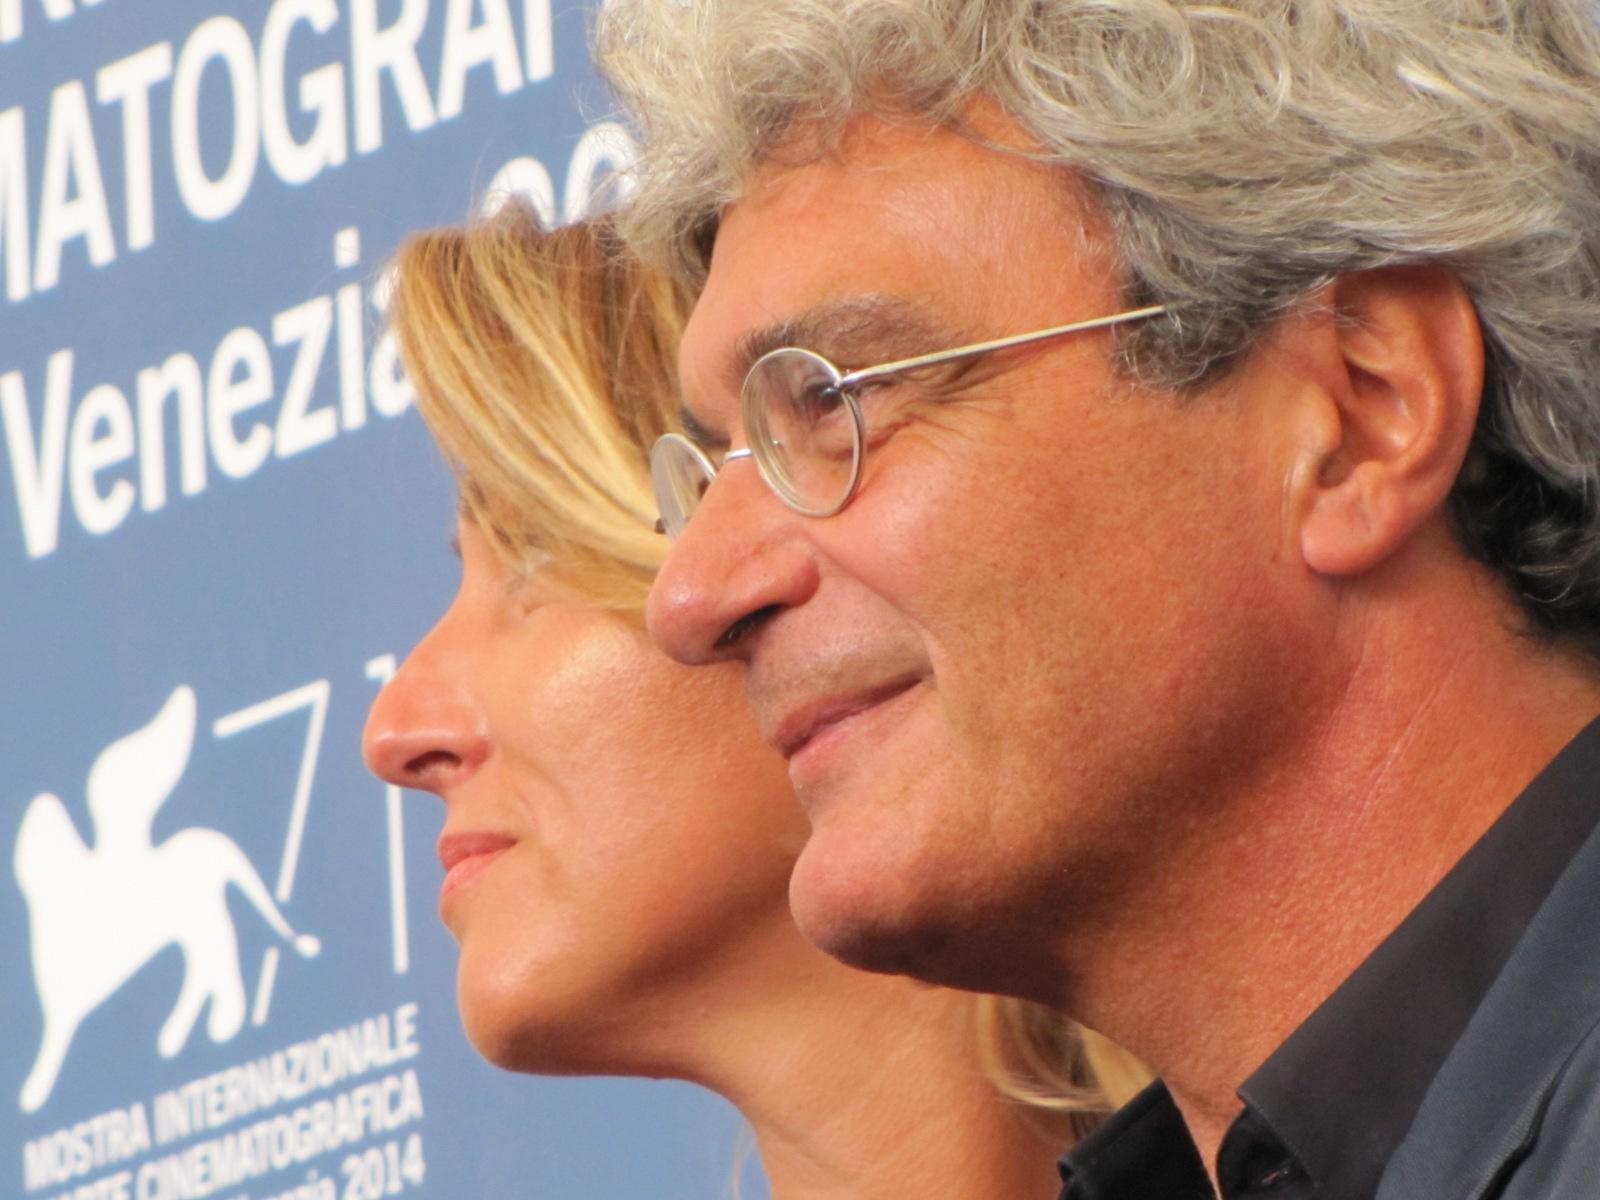 Il giovane favoloso: Martone con Ippolita di Maijo a Venezia 2014